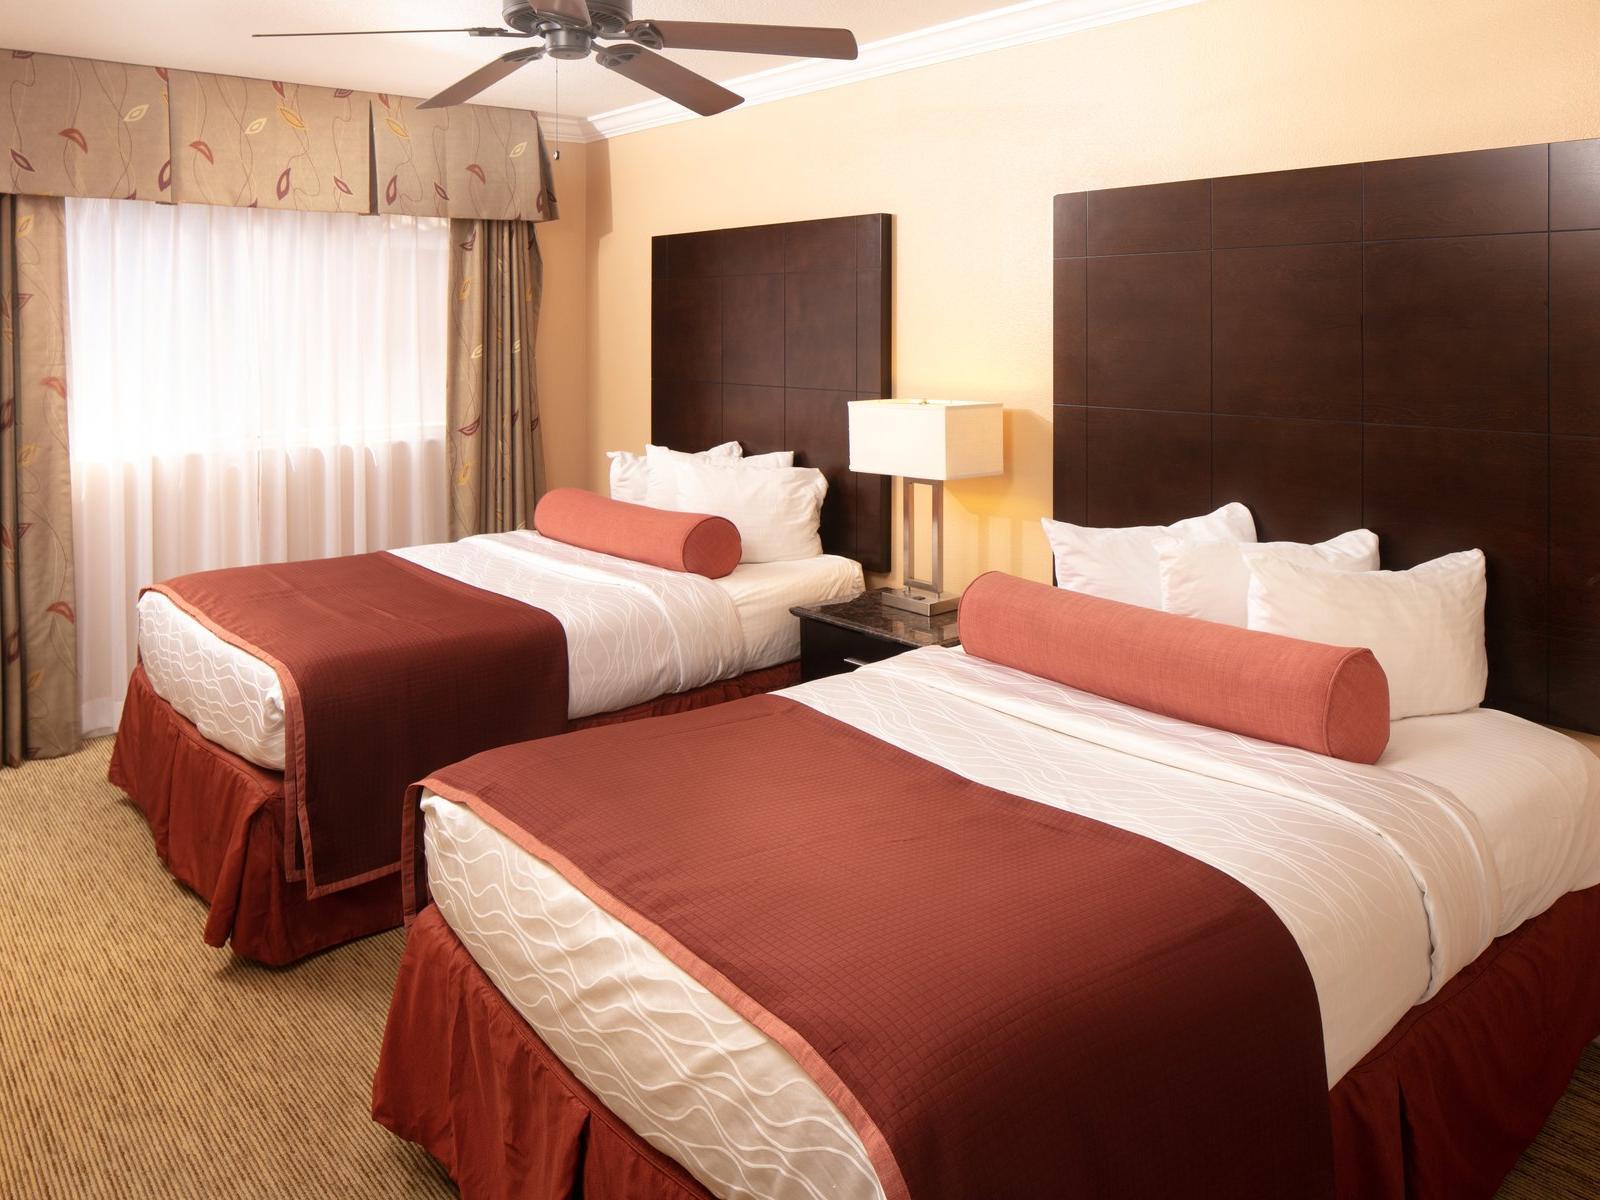 queen beds in hotel room